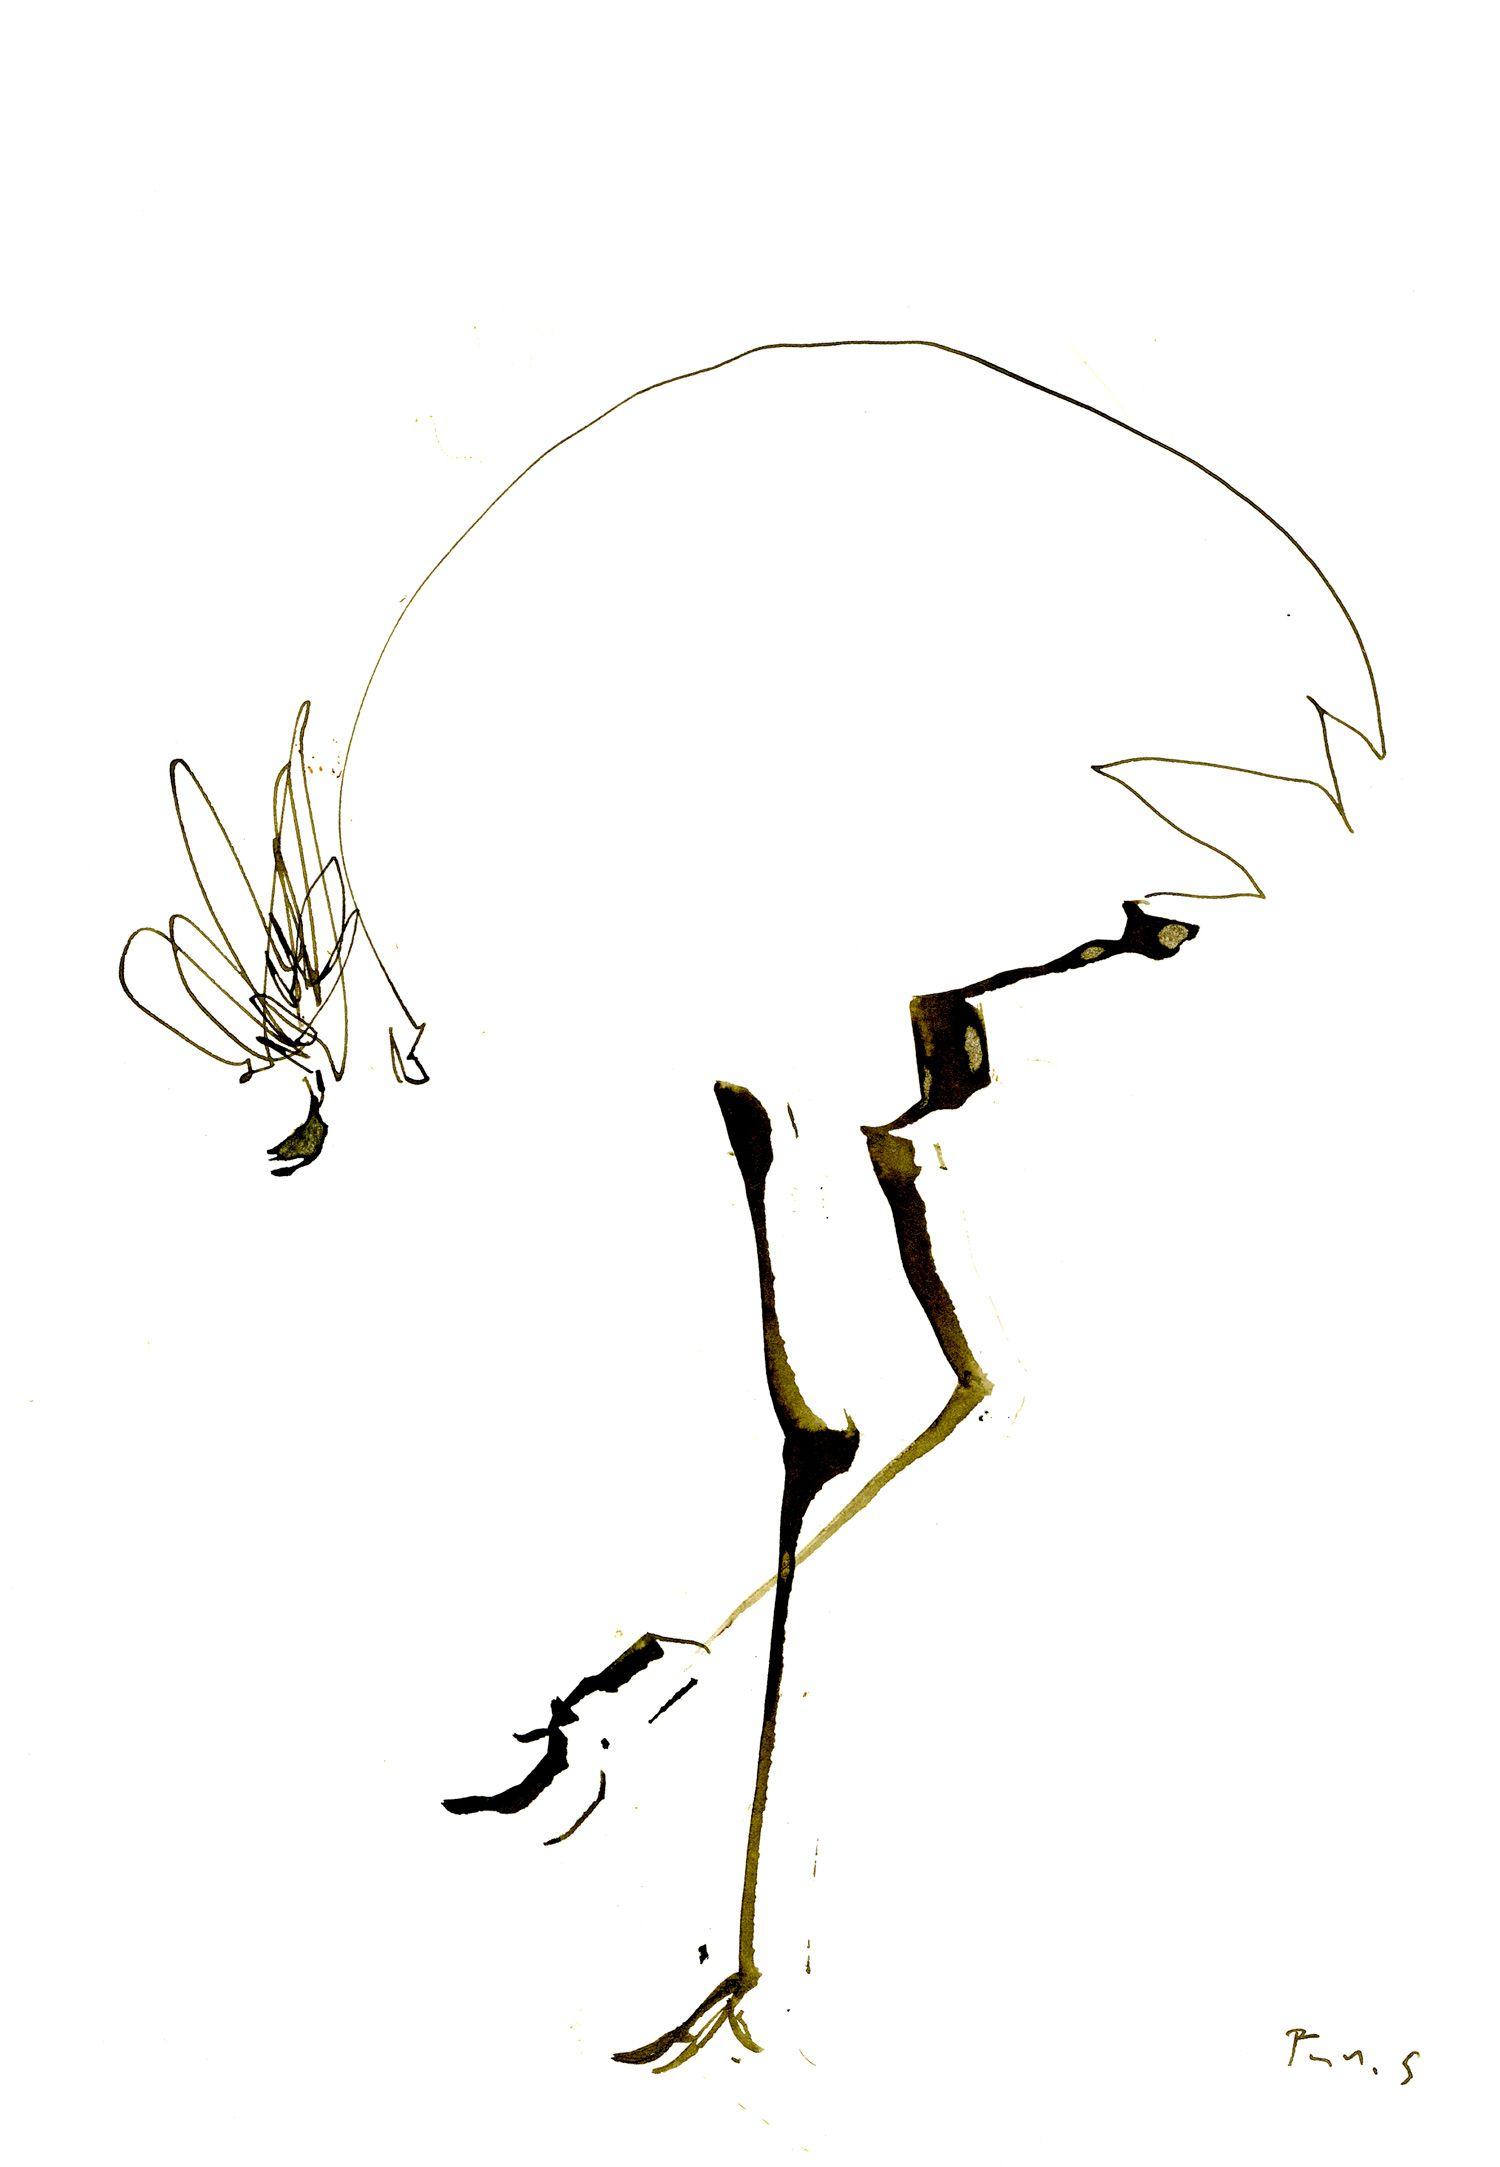 鳥 #イラスト #鳥 #アート #ドローイング #インク #ペン #シンプル #動物